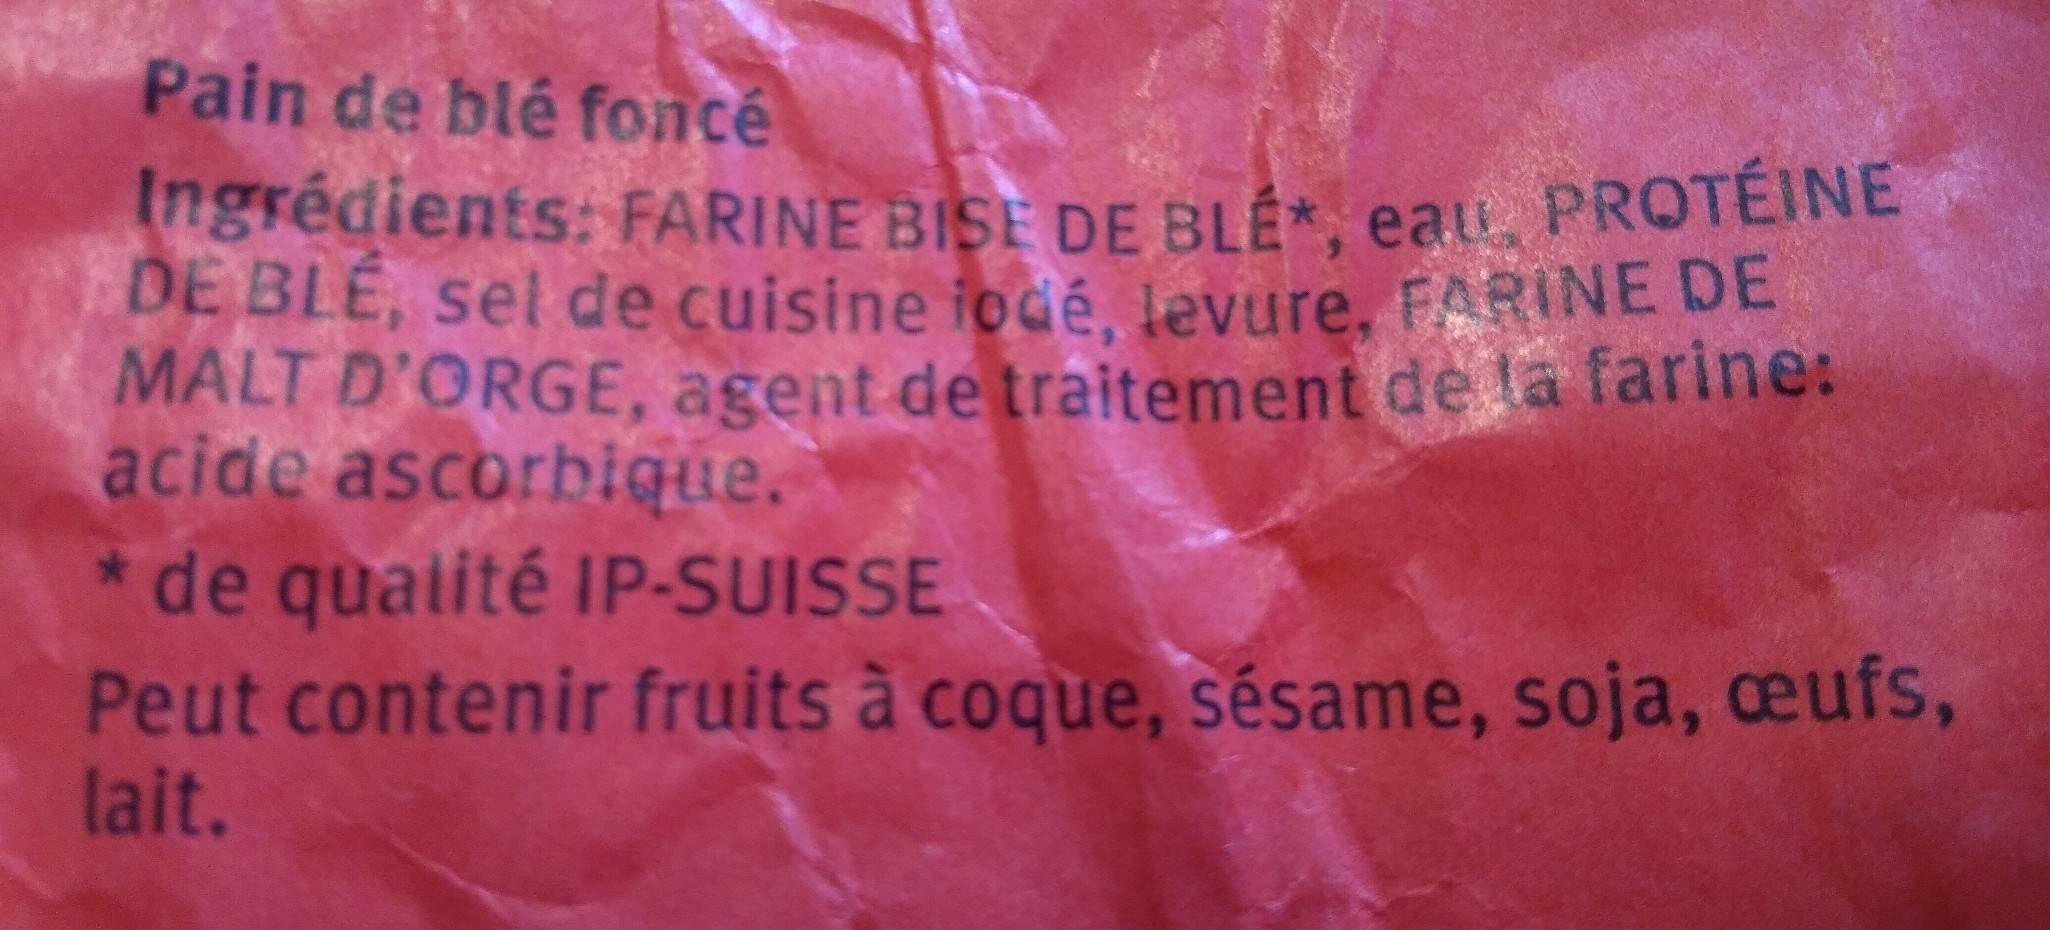 Pain Bis - Ingredienti - fr